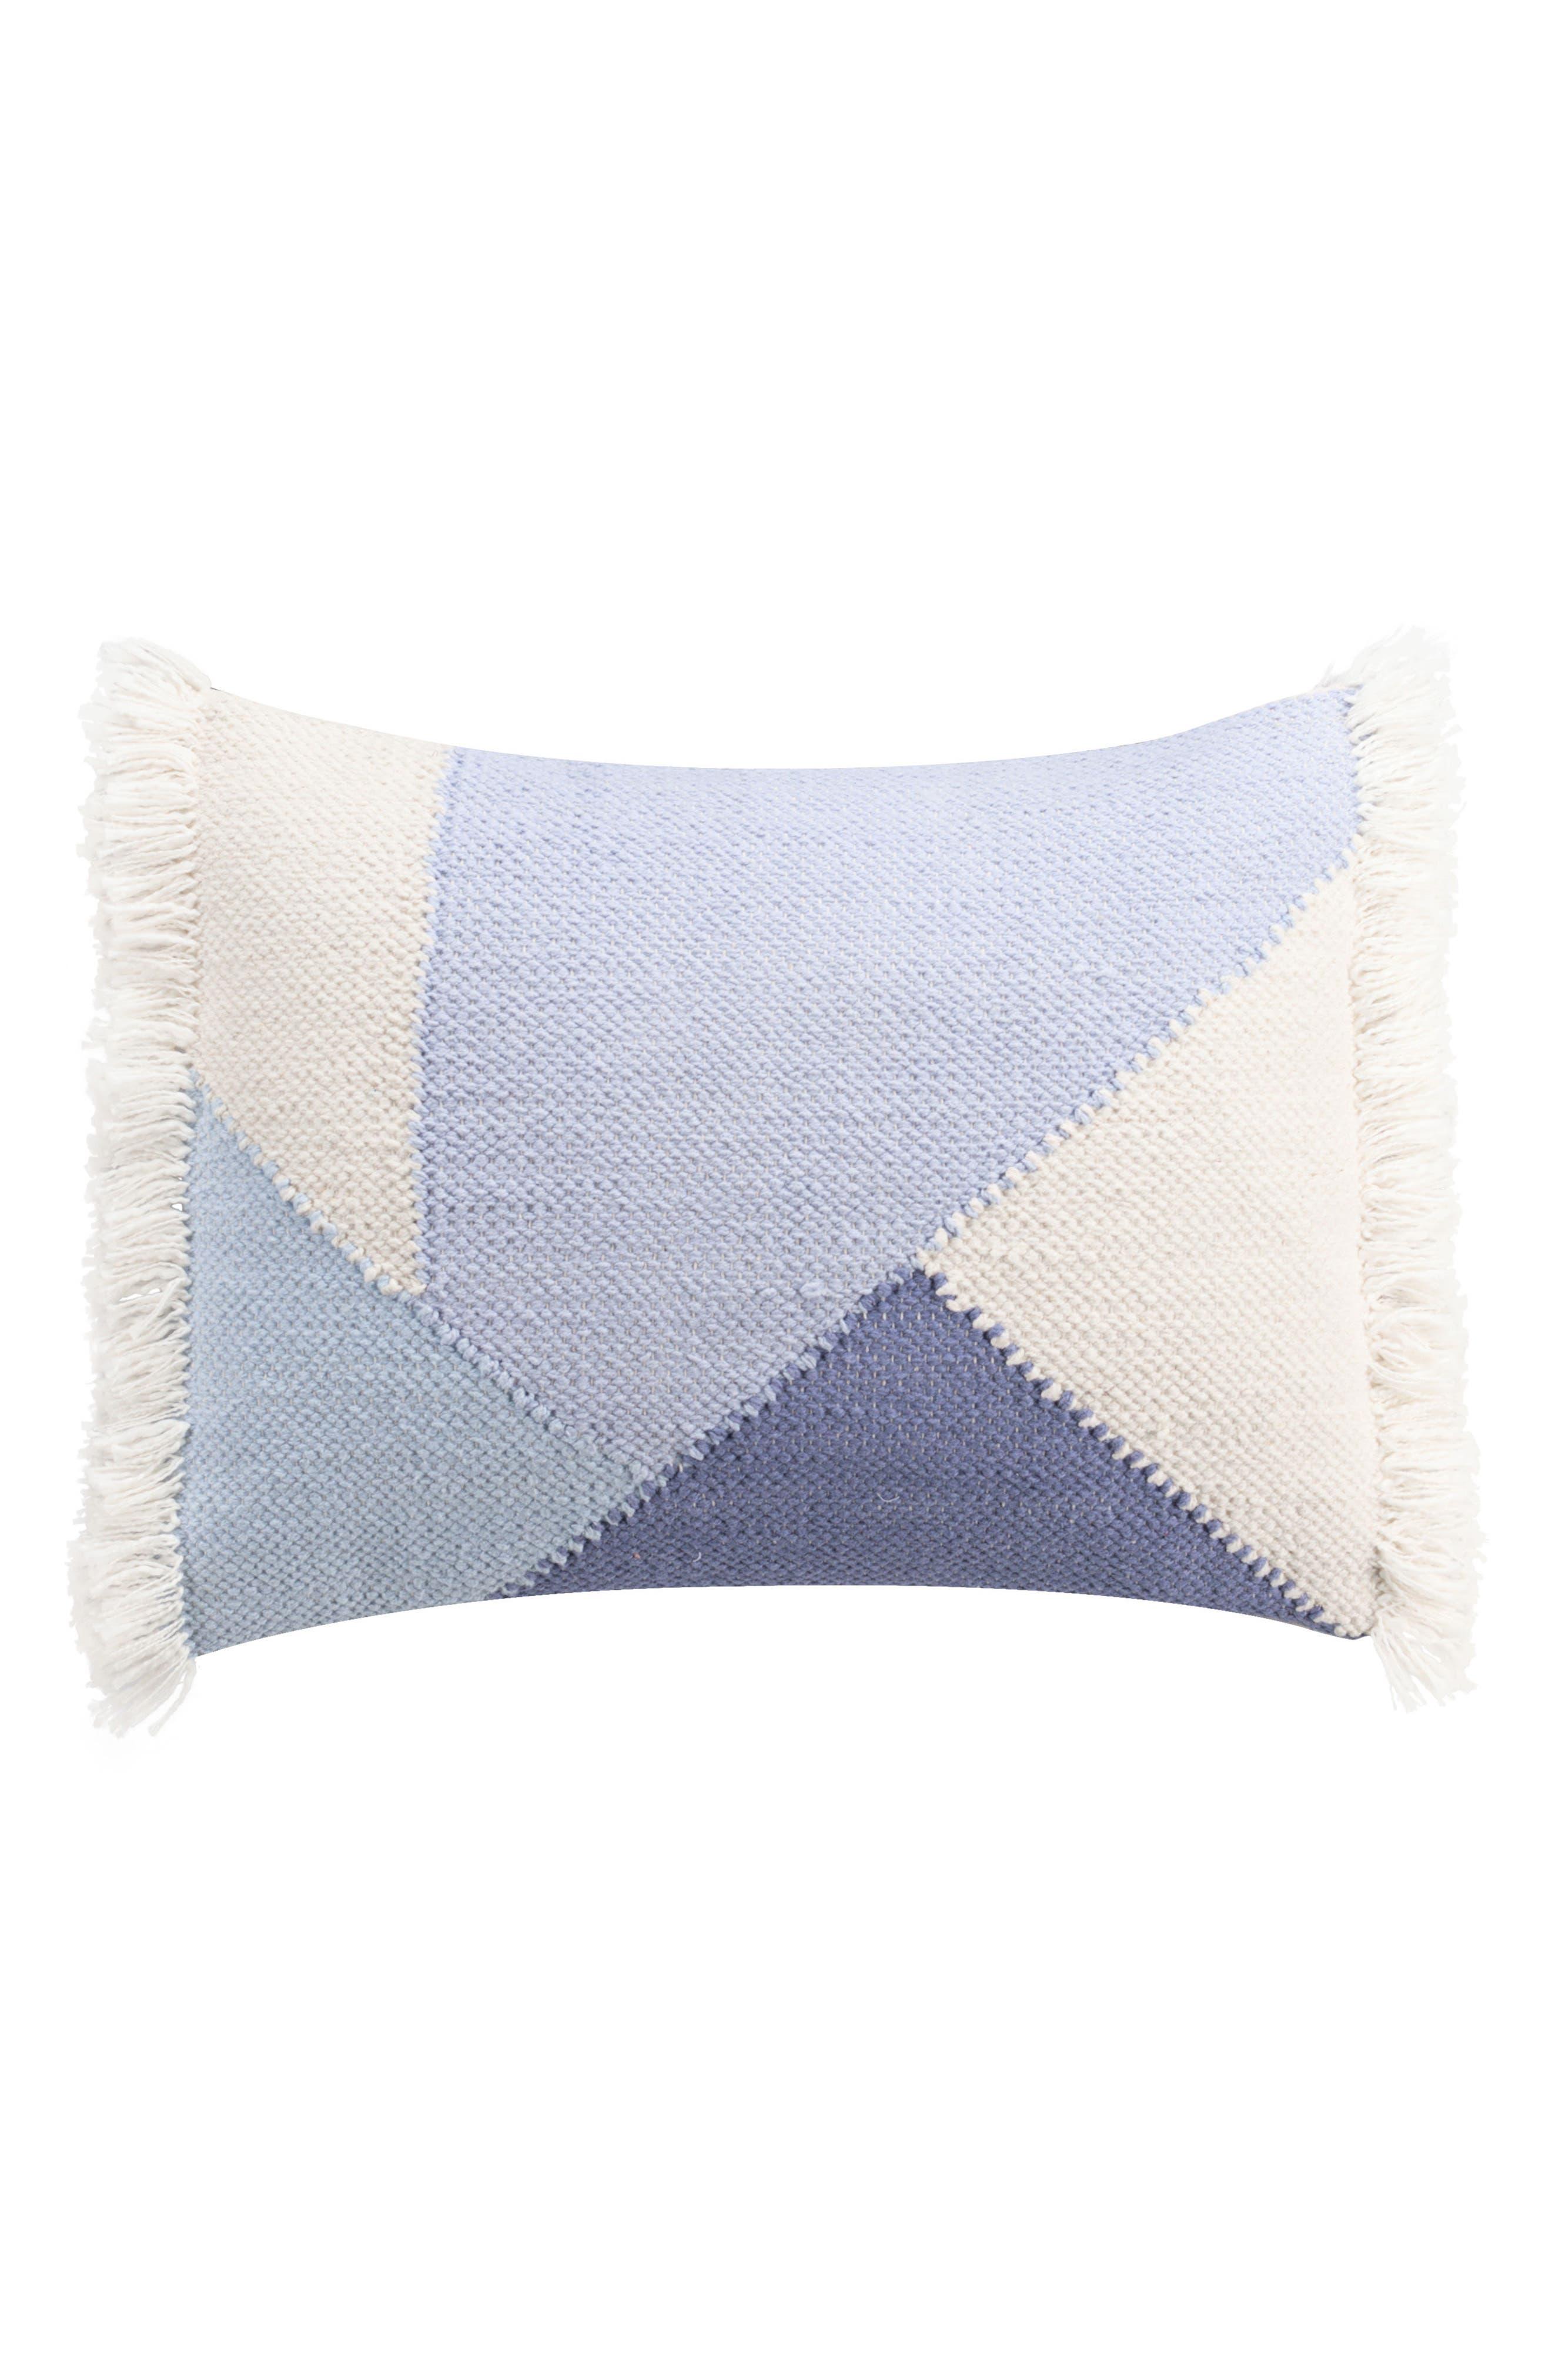 cupcakes & cashmere Mosaic Tile Accent Pillow,                         Main,                         color, Blue